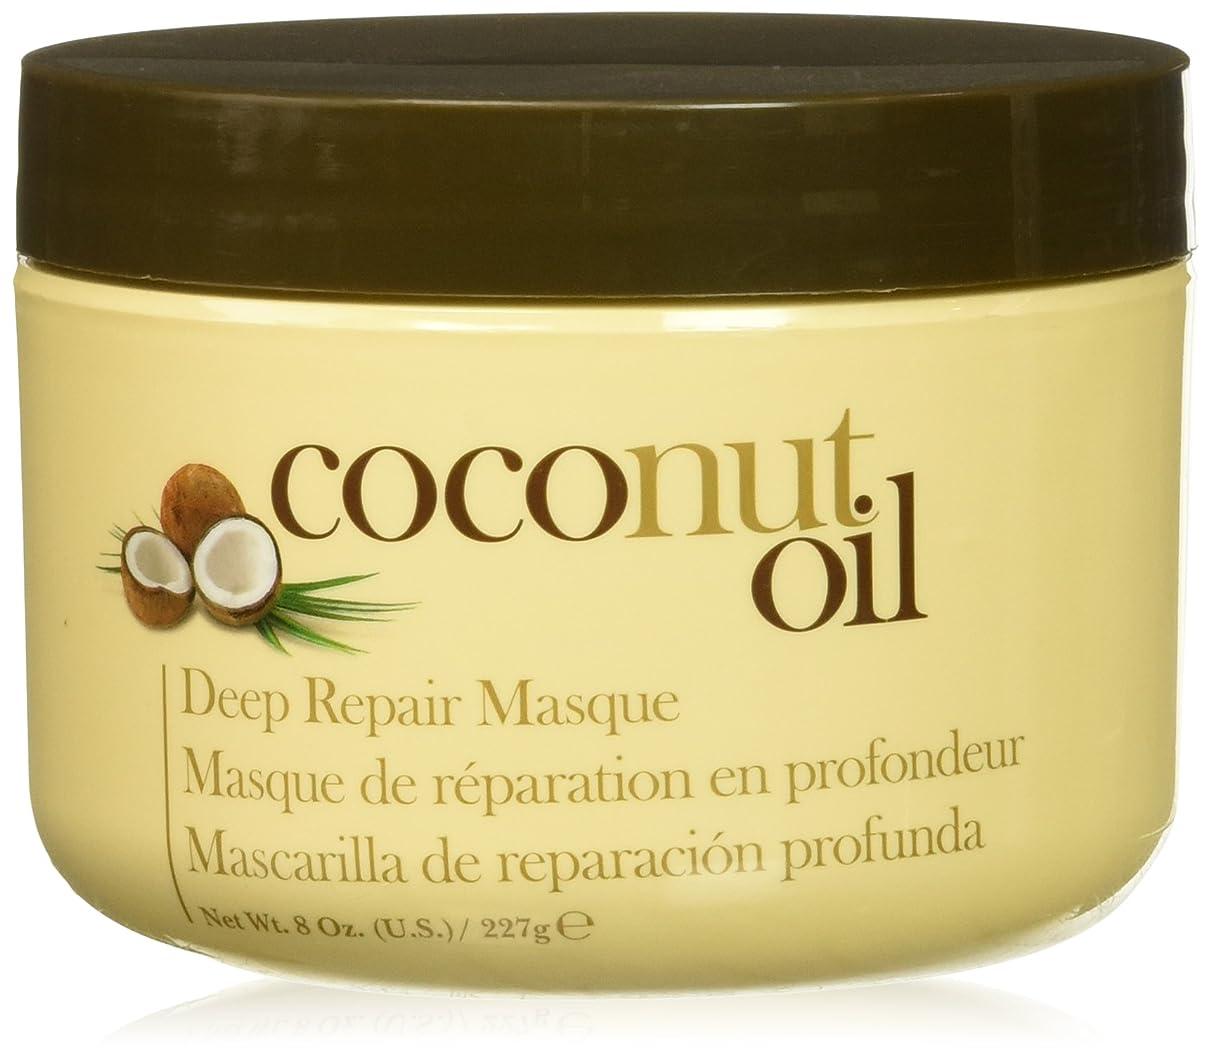 憲法東部債権者Hair Chemist ヘアマスク ココナッツ オイル ディープリペアマスク 227g Coconut Oil Deep Repair Mask 1474 New York